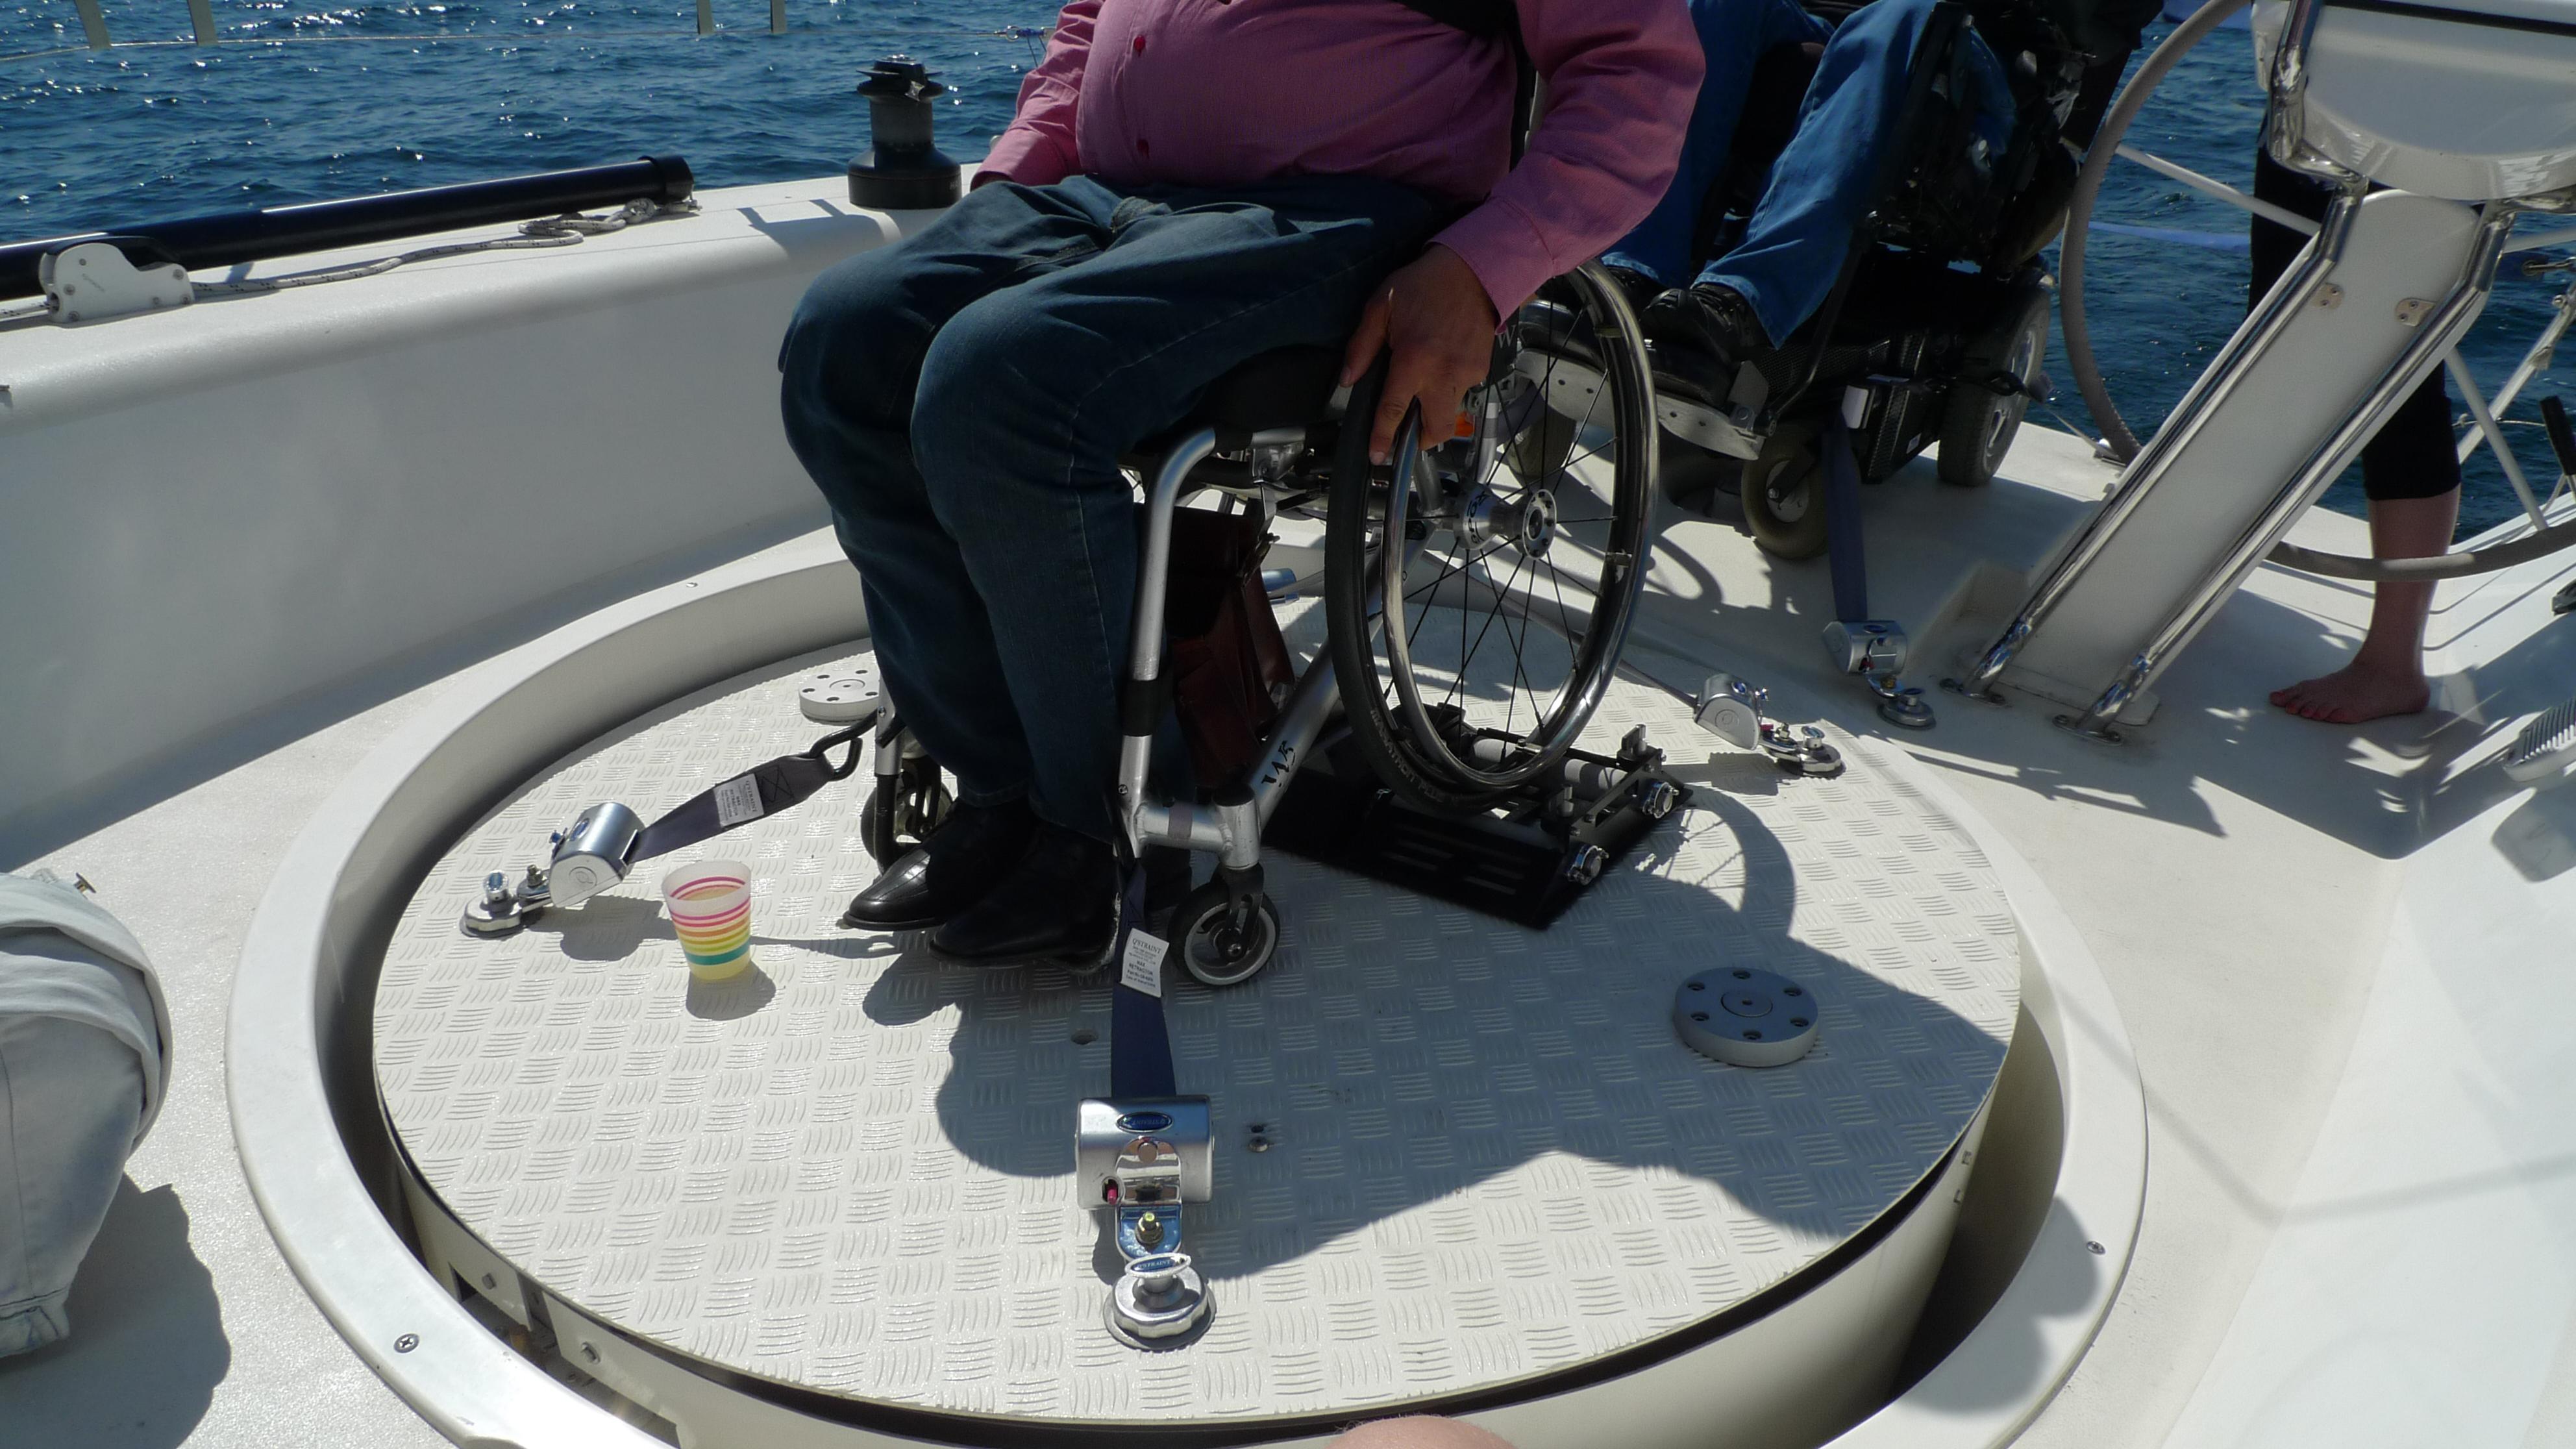 fastspænding af kørestole i biler